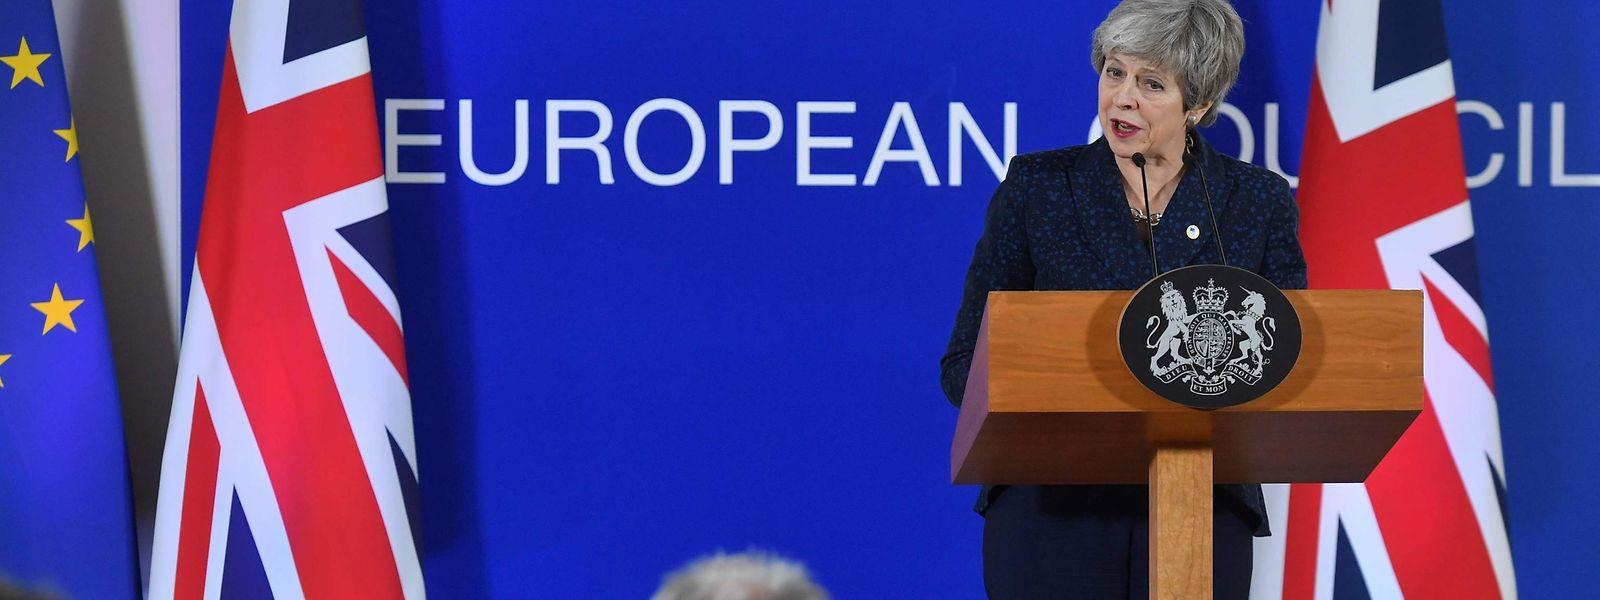 Theresa May könnte zum dritten Mal im Unterhaus leer ausgehen: Britischen Medien zufolge haben sich weitere Parlamentarier von der Premierministerin abgewandt.